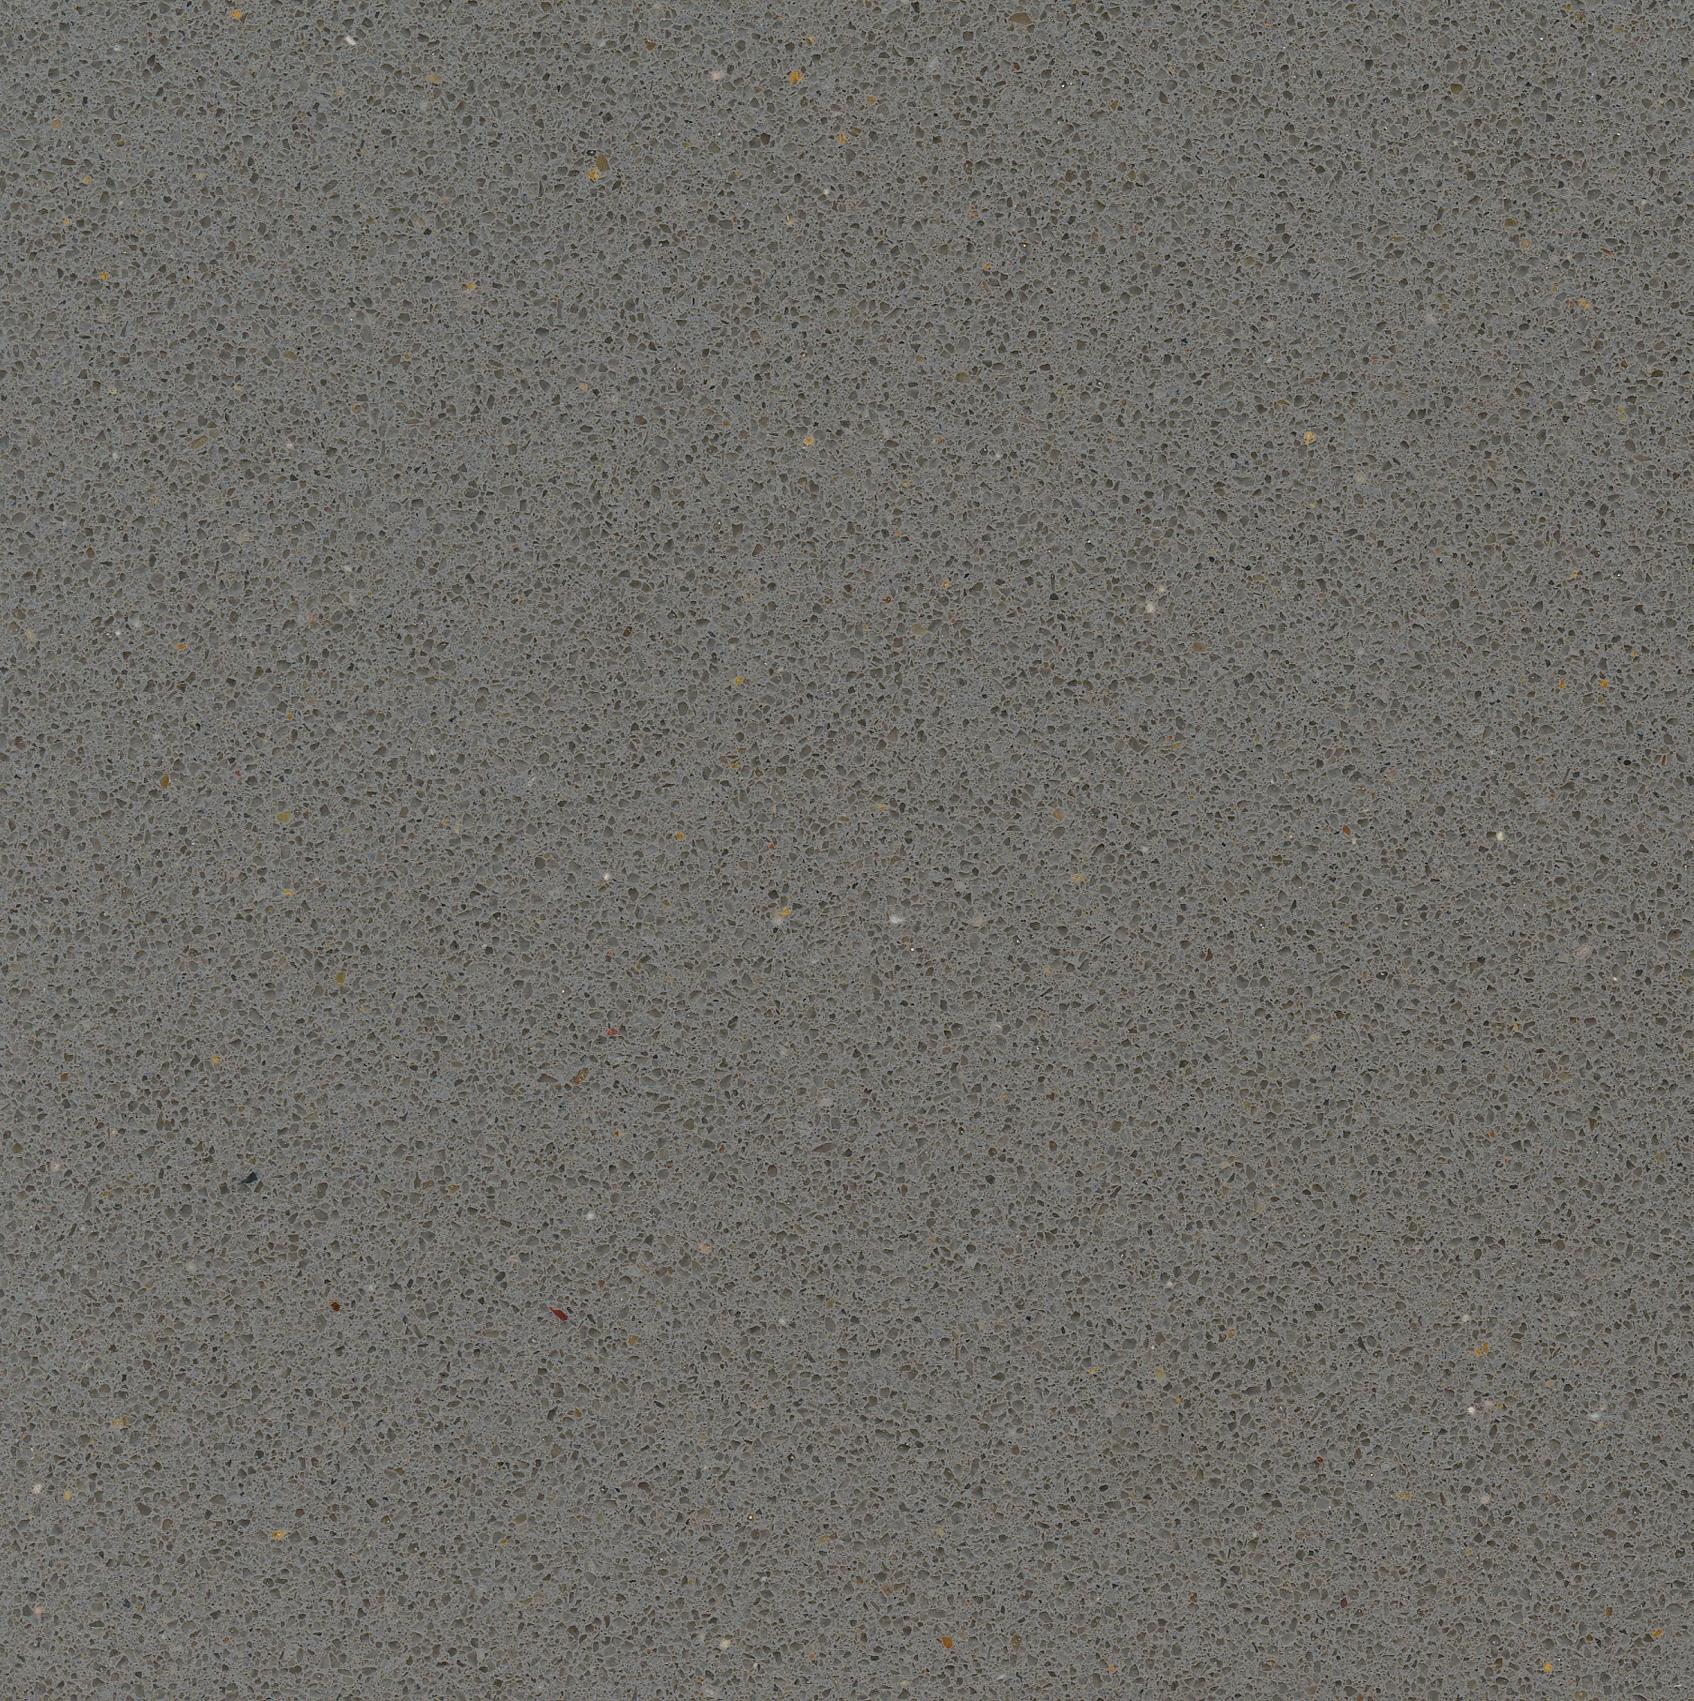 Plan de travail gris expo bordeaux hm deco for Plan de travail quartz gris